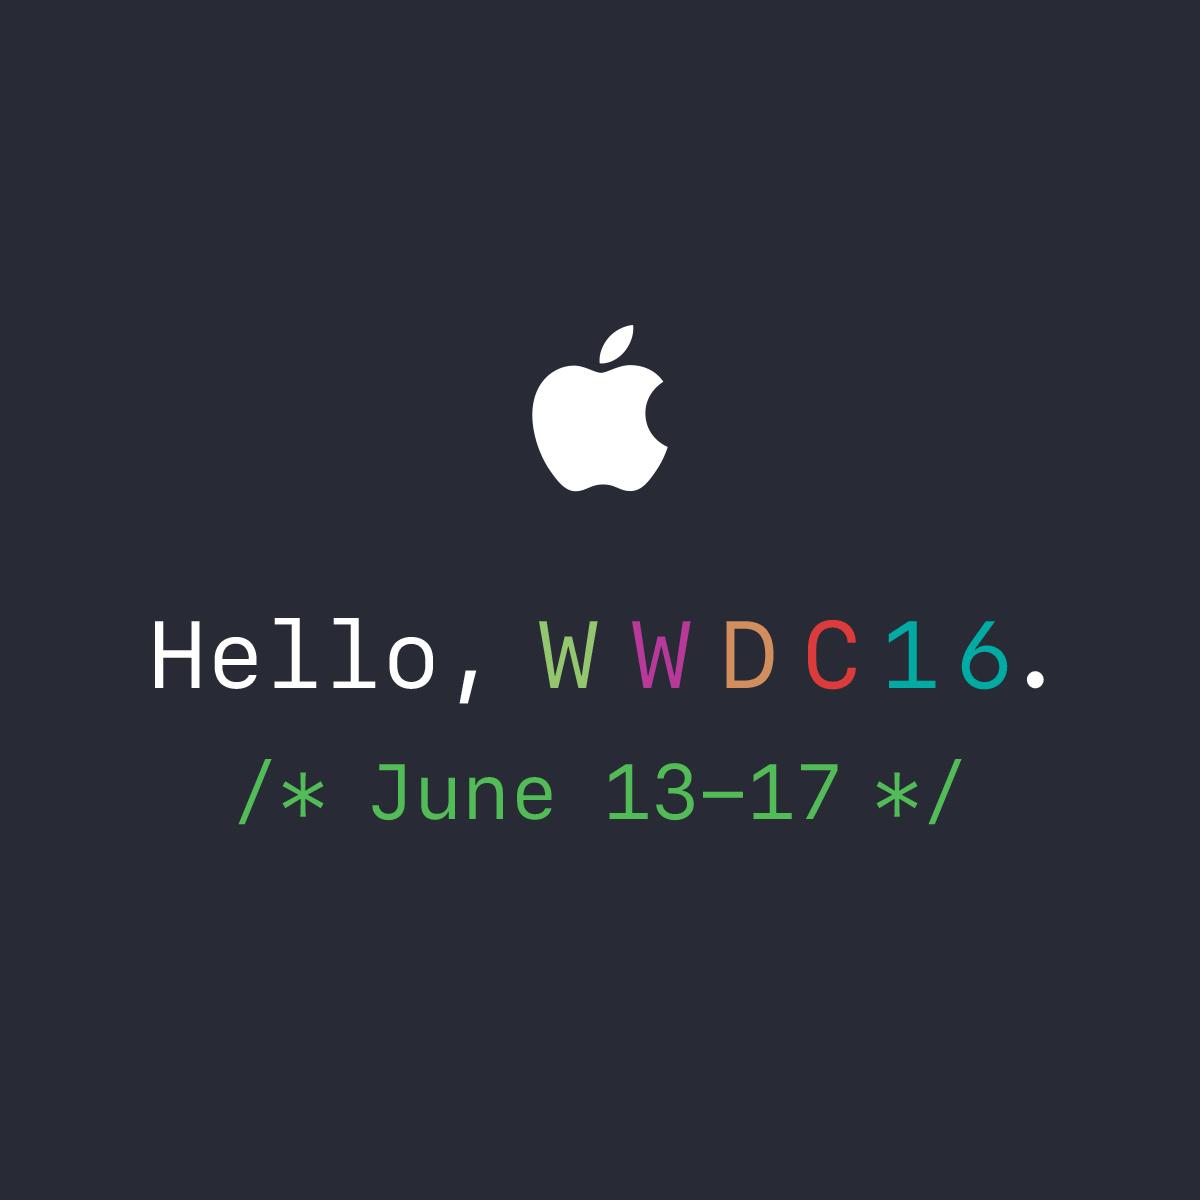 بزرگ ترین رونمایی های اپل در کنفرانس WWDC 2016